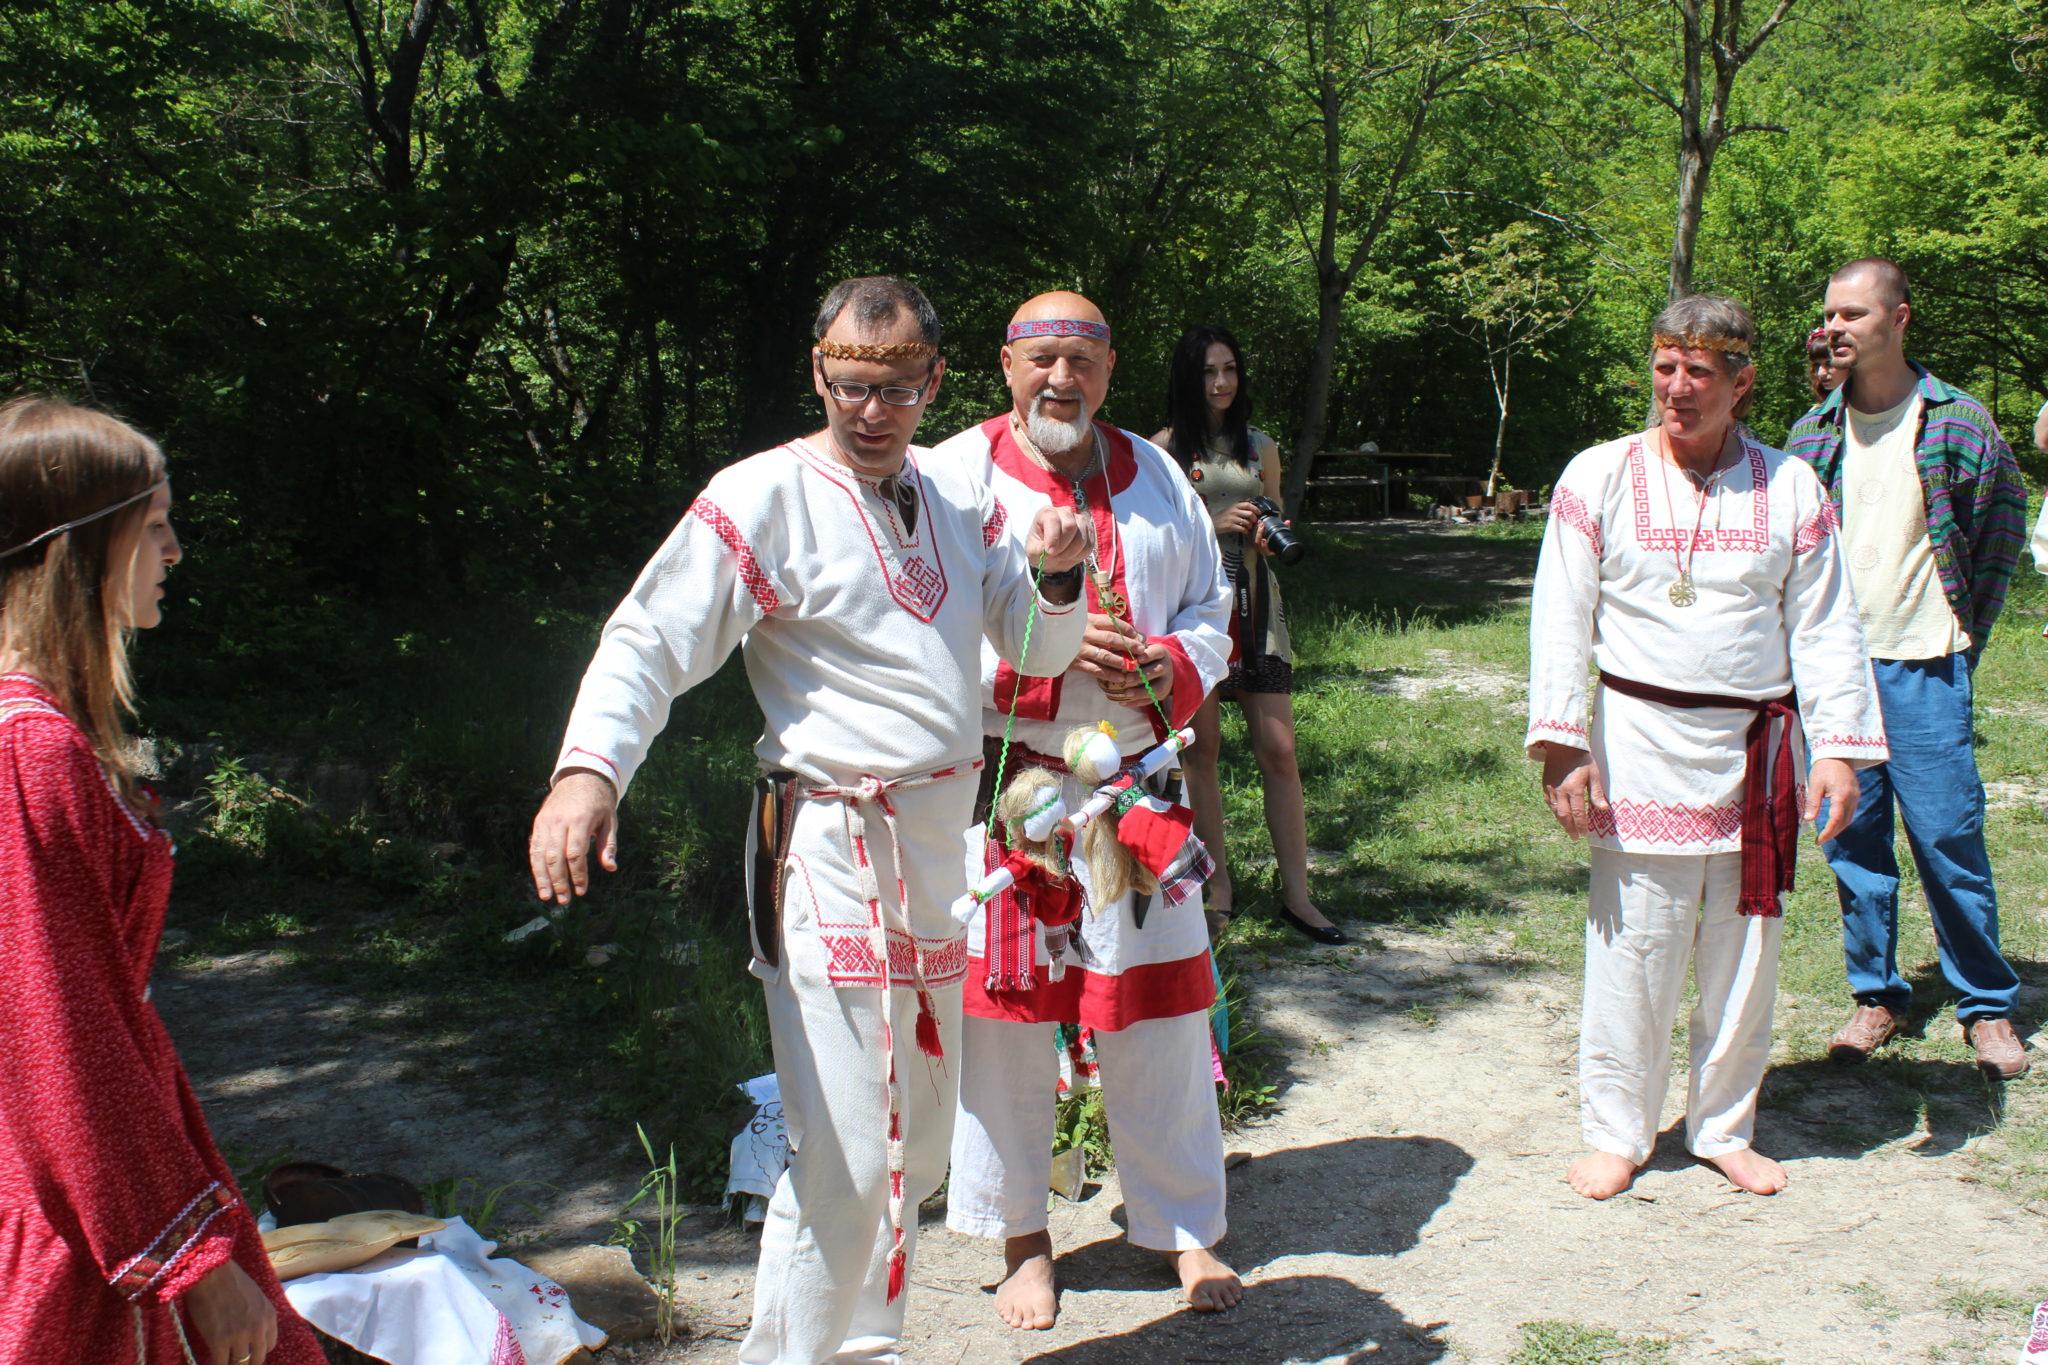 члены общины Покон Рода